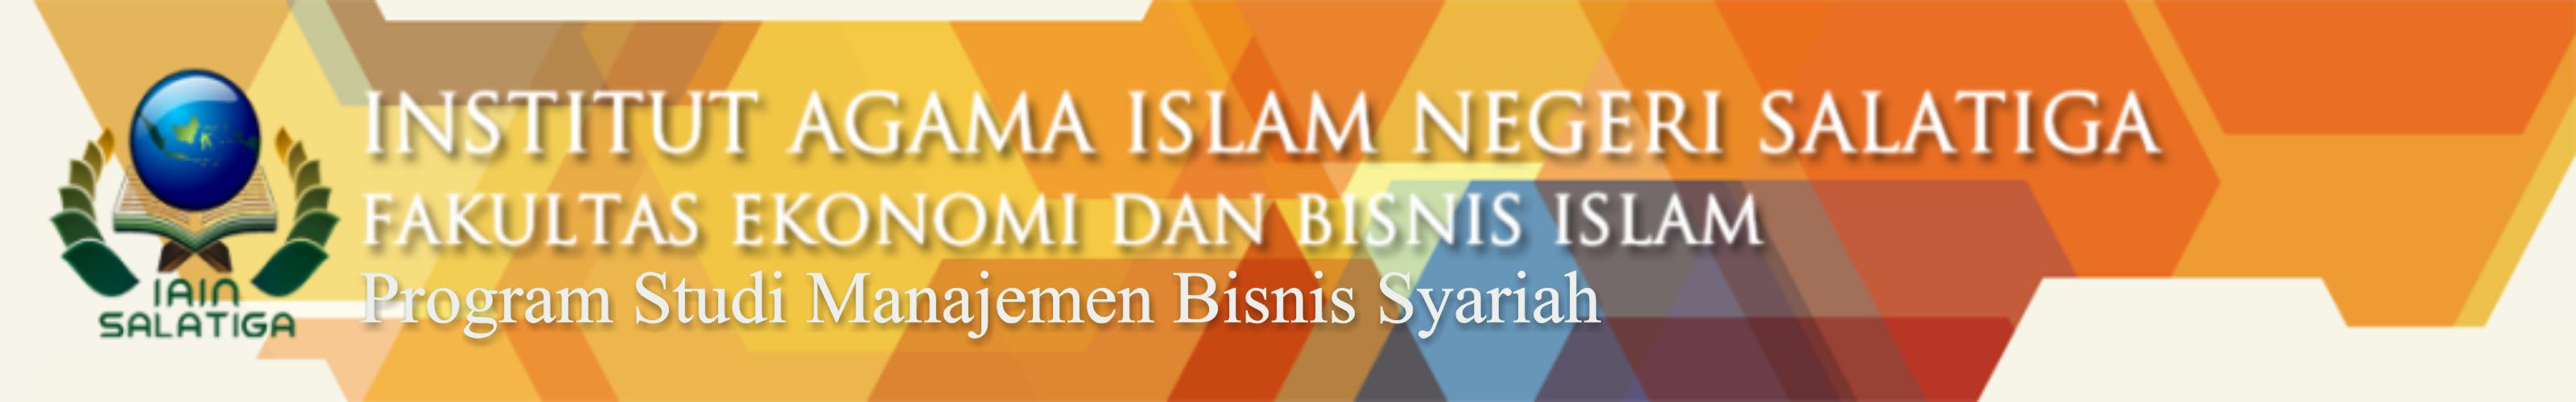 Manajemen Bisnis Syariah